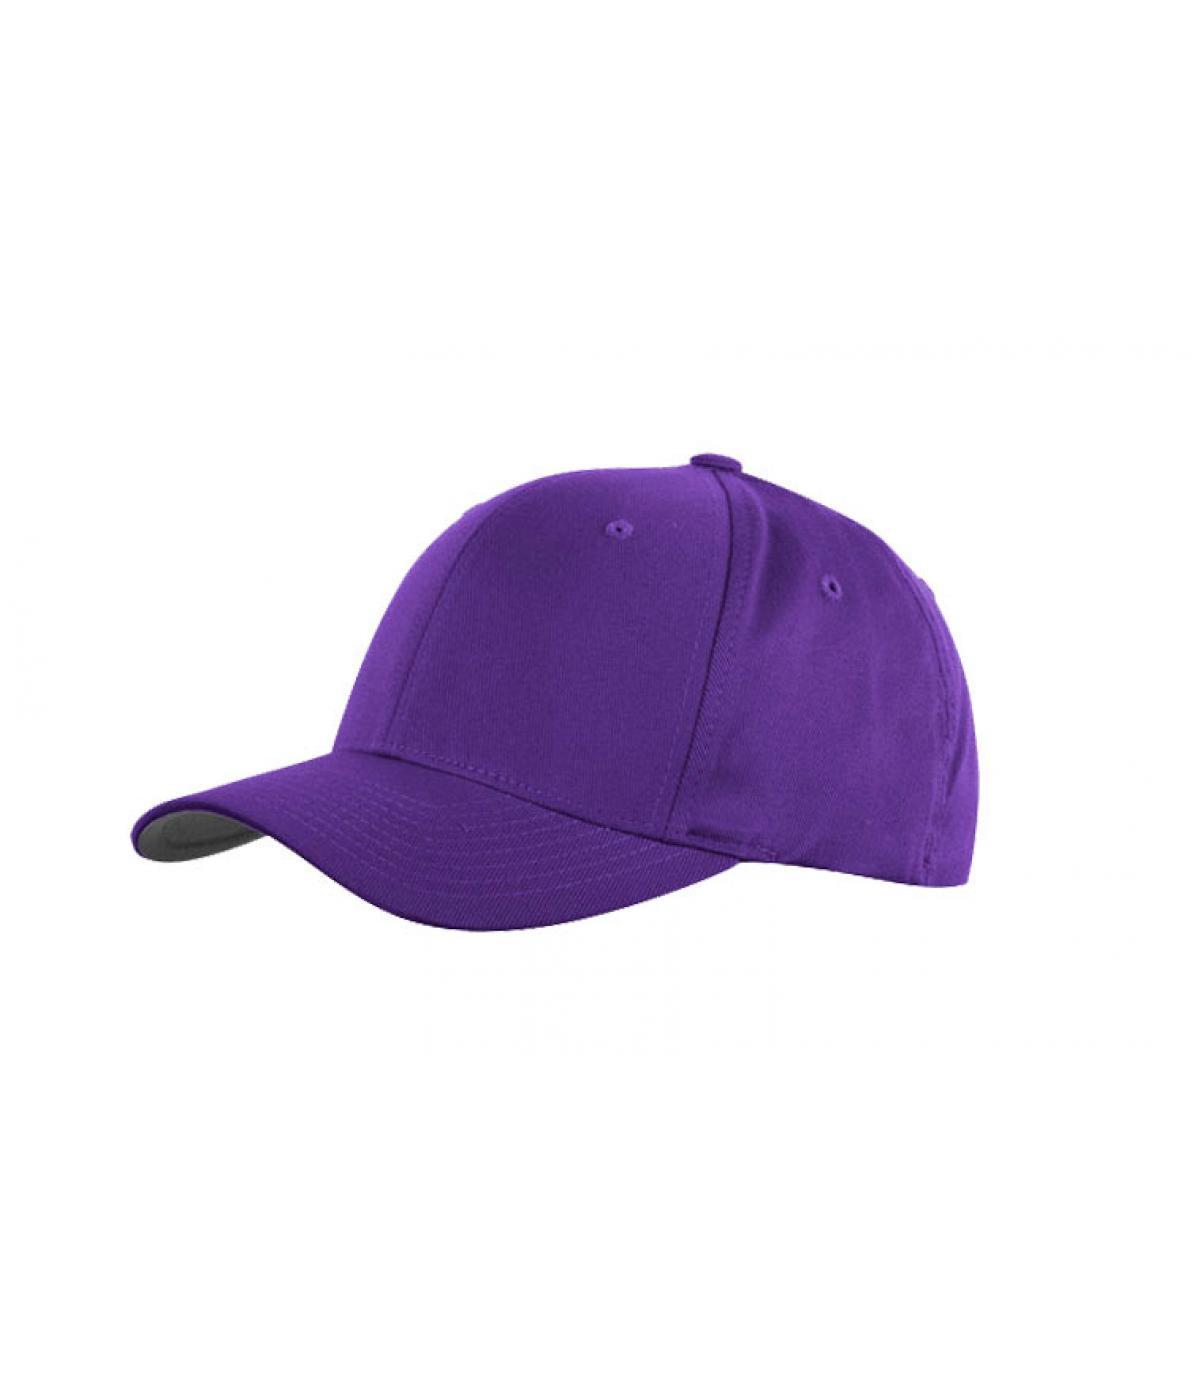 Détails Flexfit cap purple - image 2